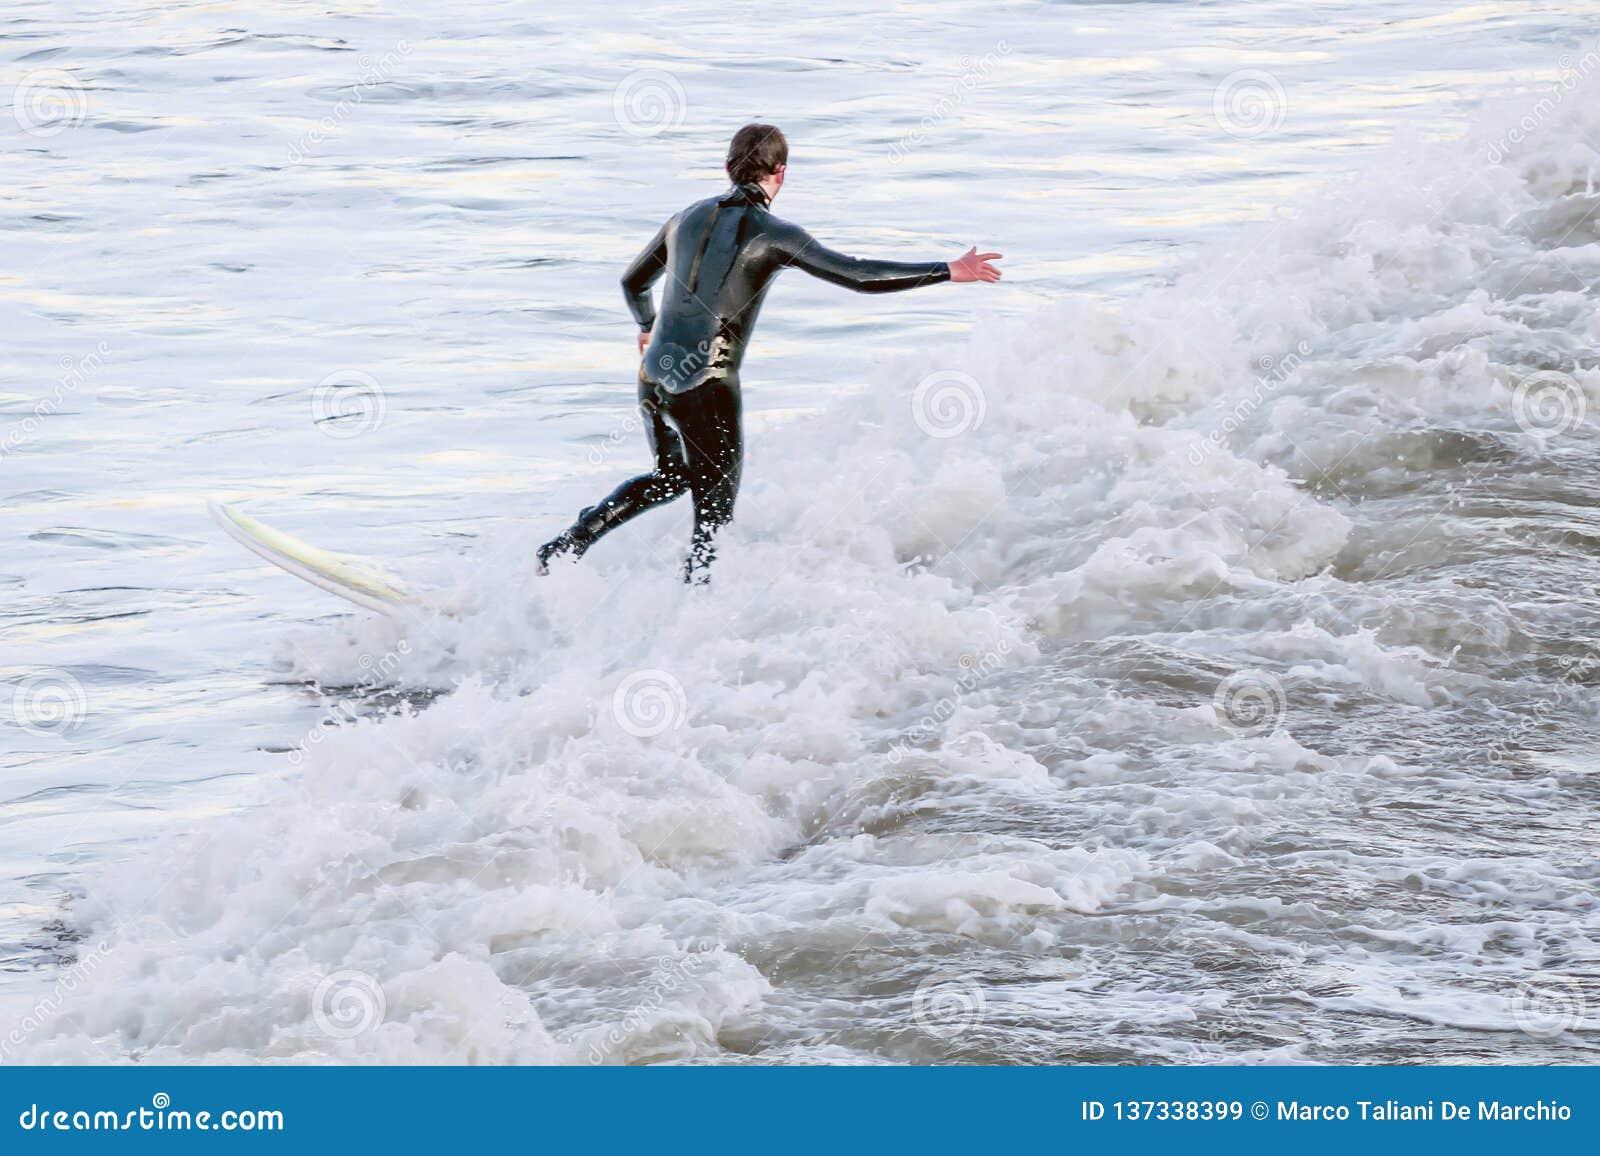 Surfer équilibrant sur la planche de surf au milieu des vagues de mer